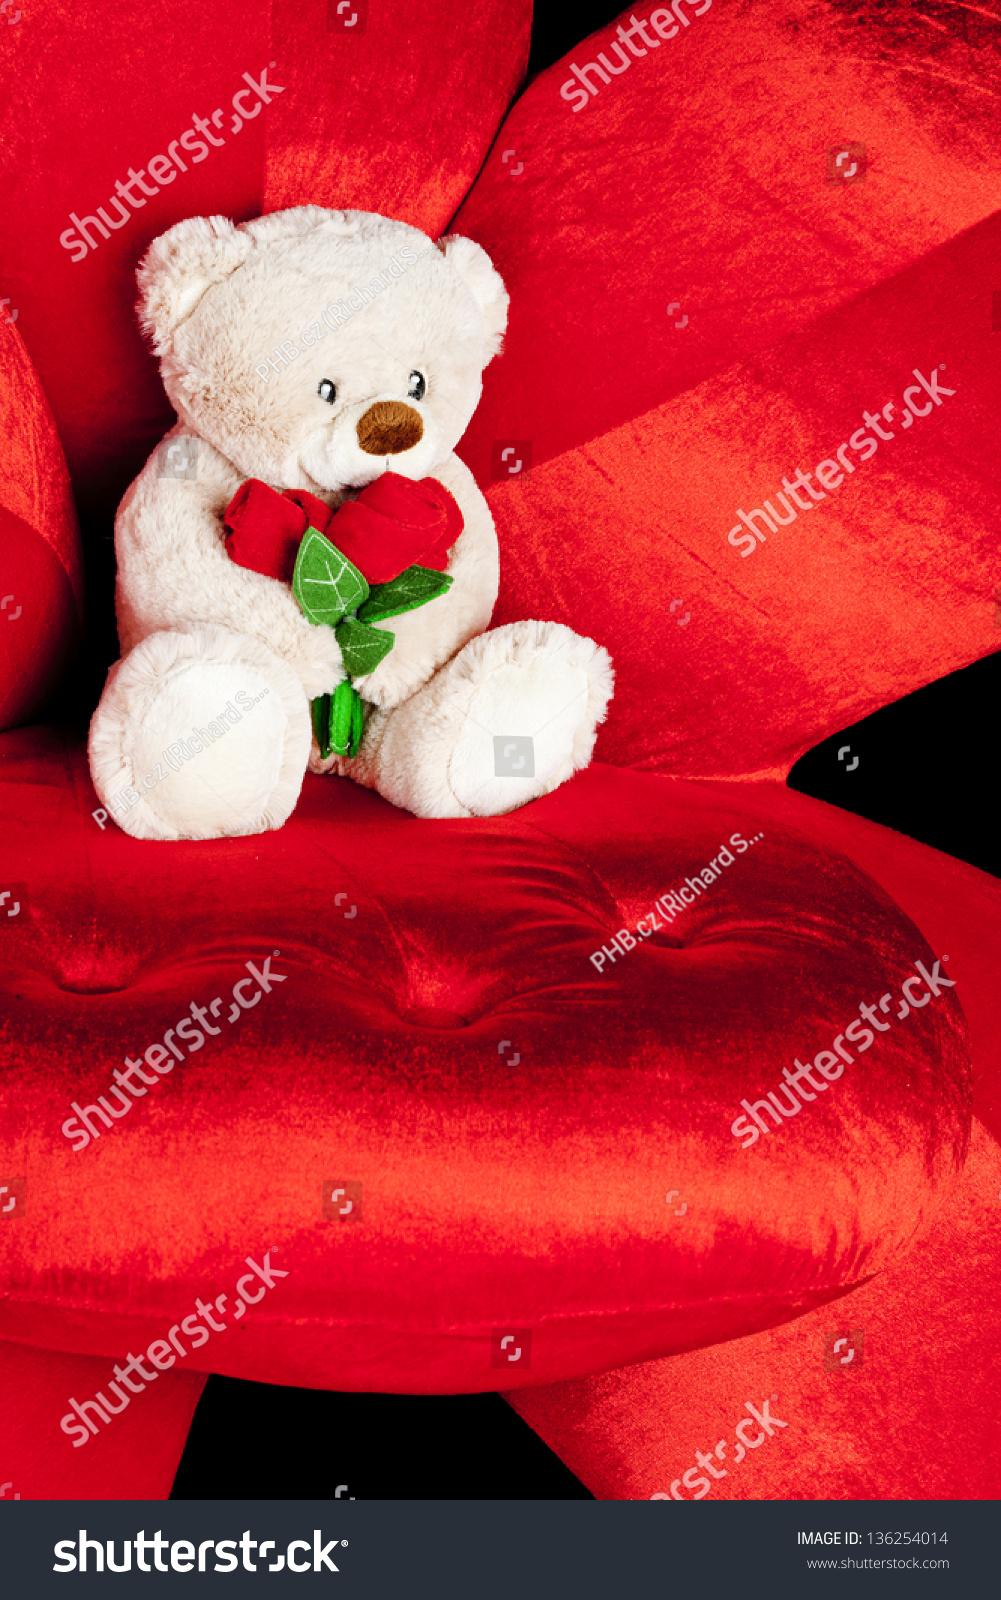 teddy bear on red armchair stock photo 136254014